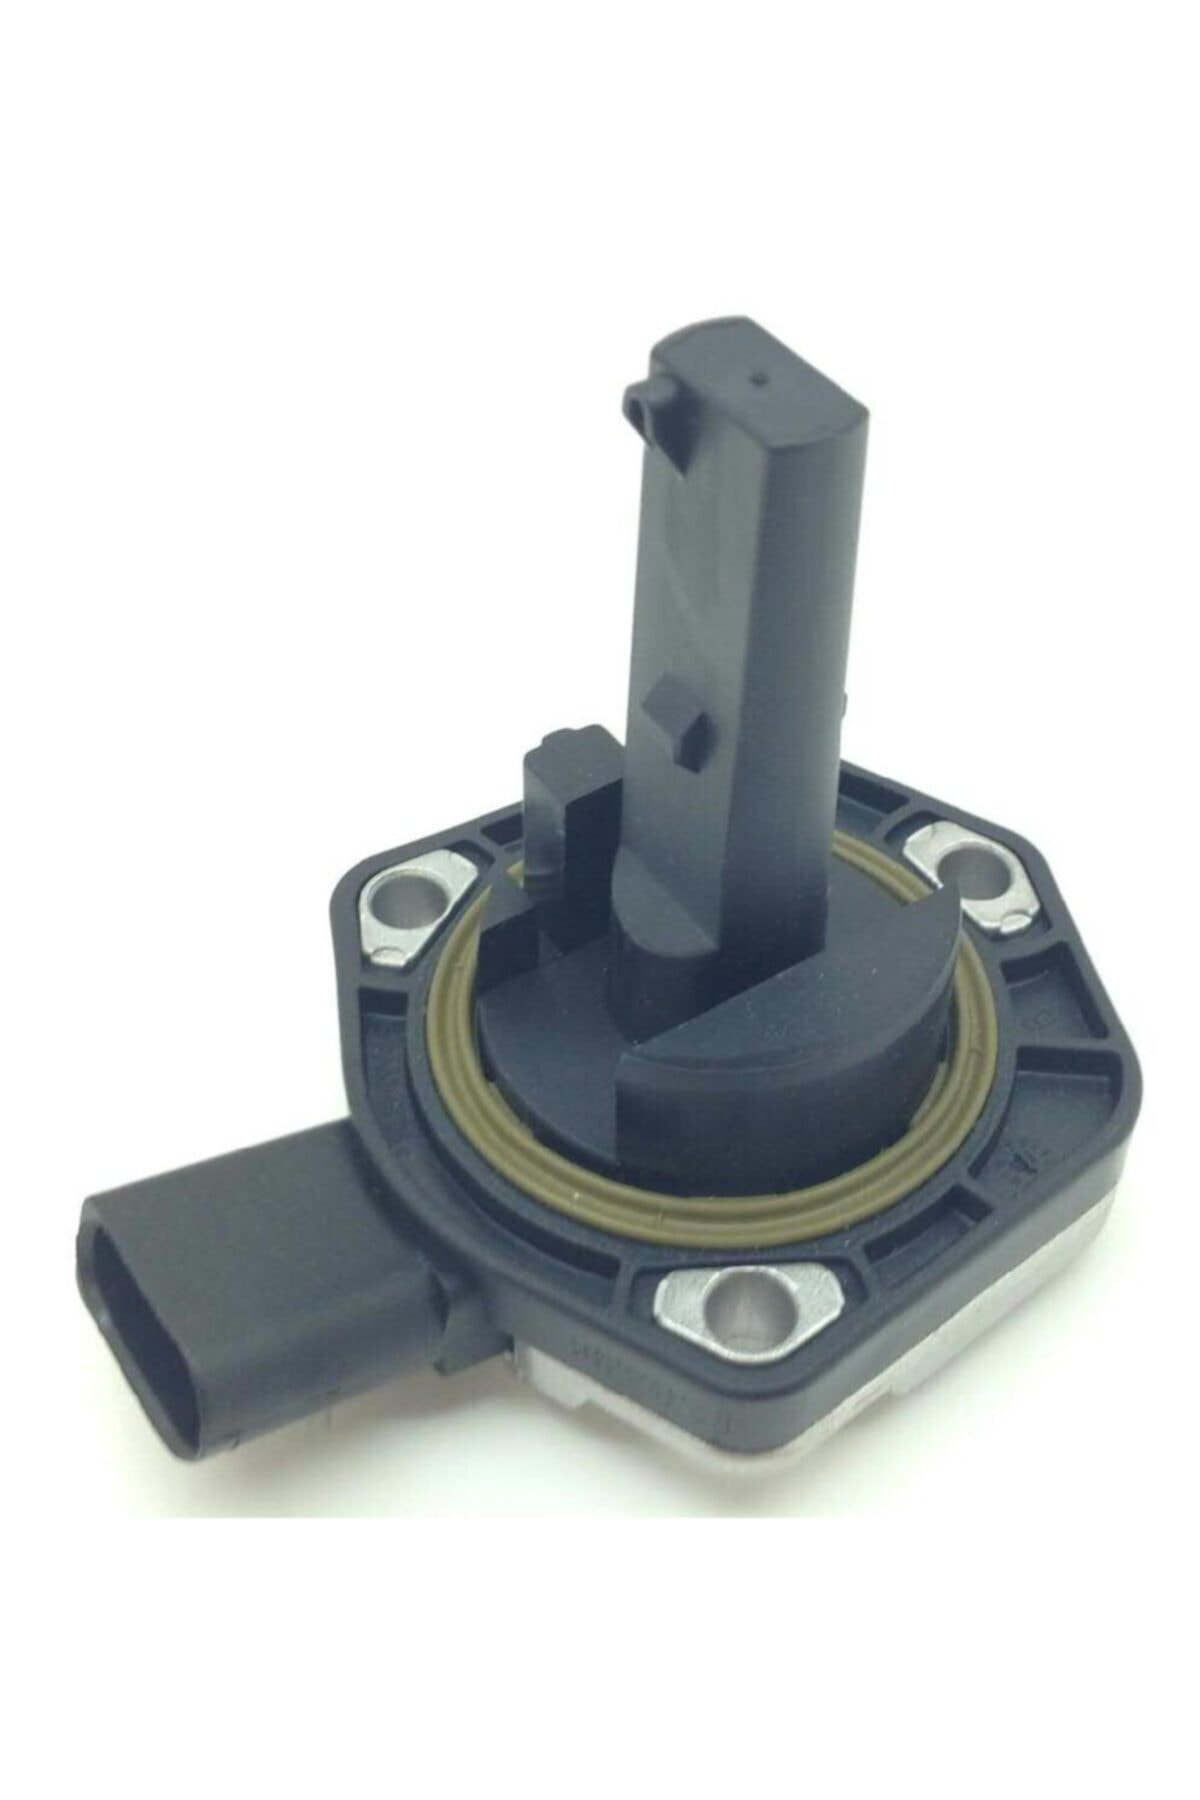 DMR Volkswagen Yağ Seviye Sensörü 1j0907660b 6pr008079041 Otodemır 1